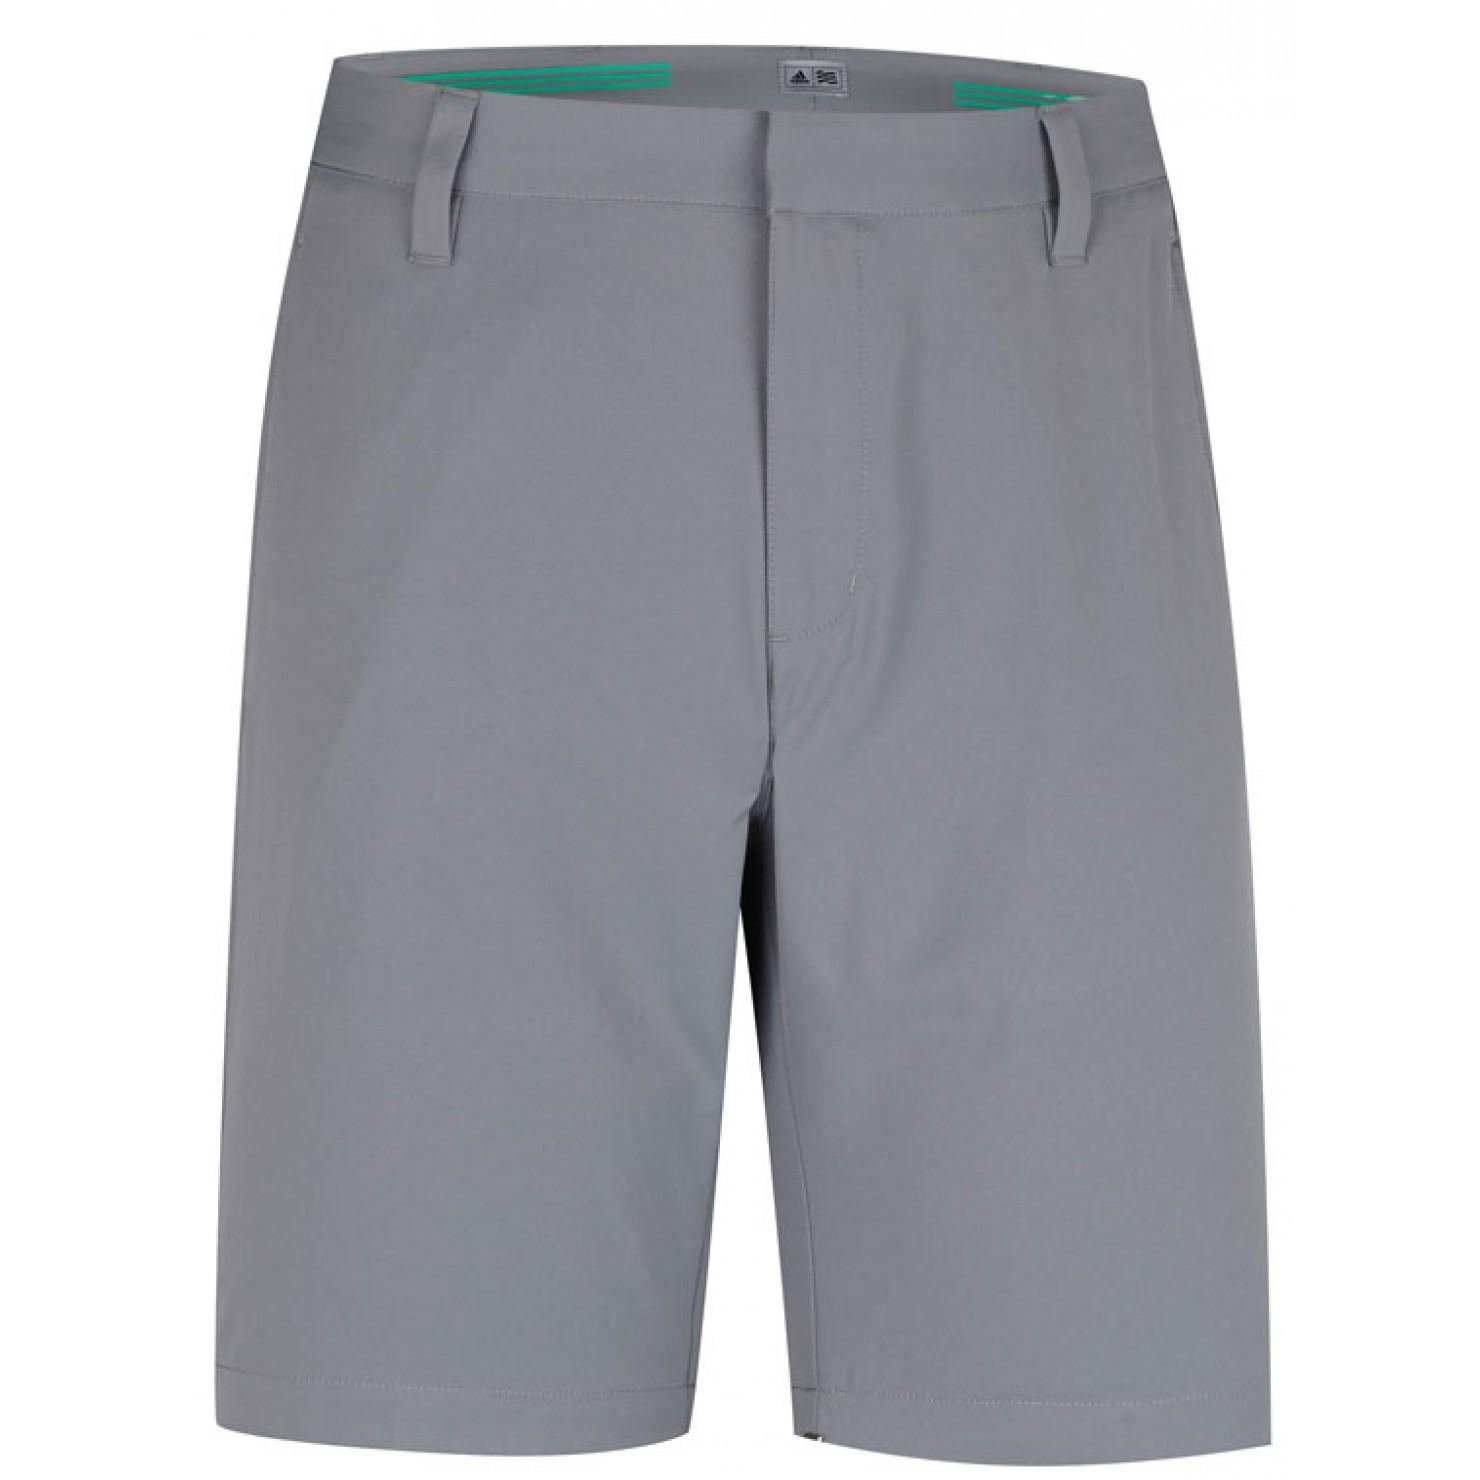 New-Adidas-Golf-Puremotion-Stretch-3-Stripe-Flat-